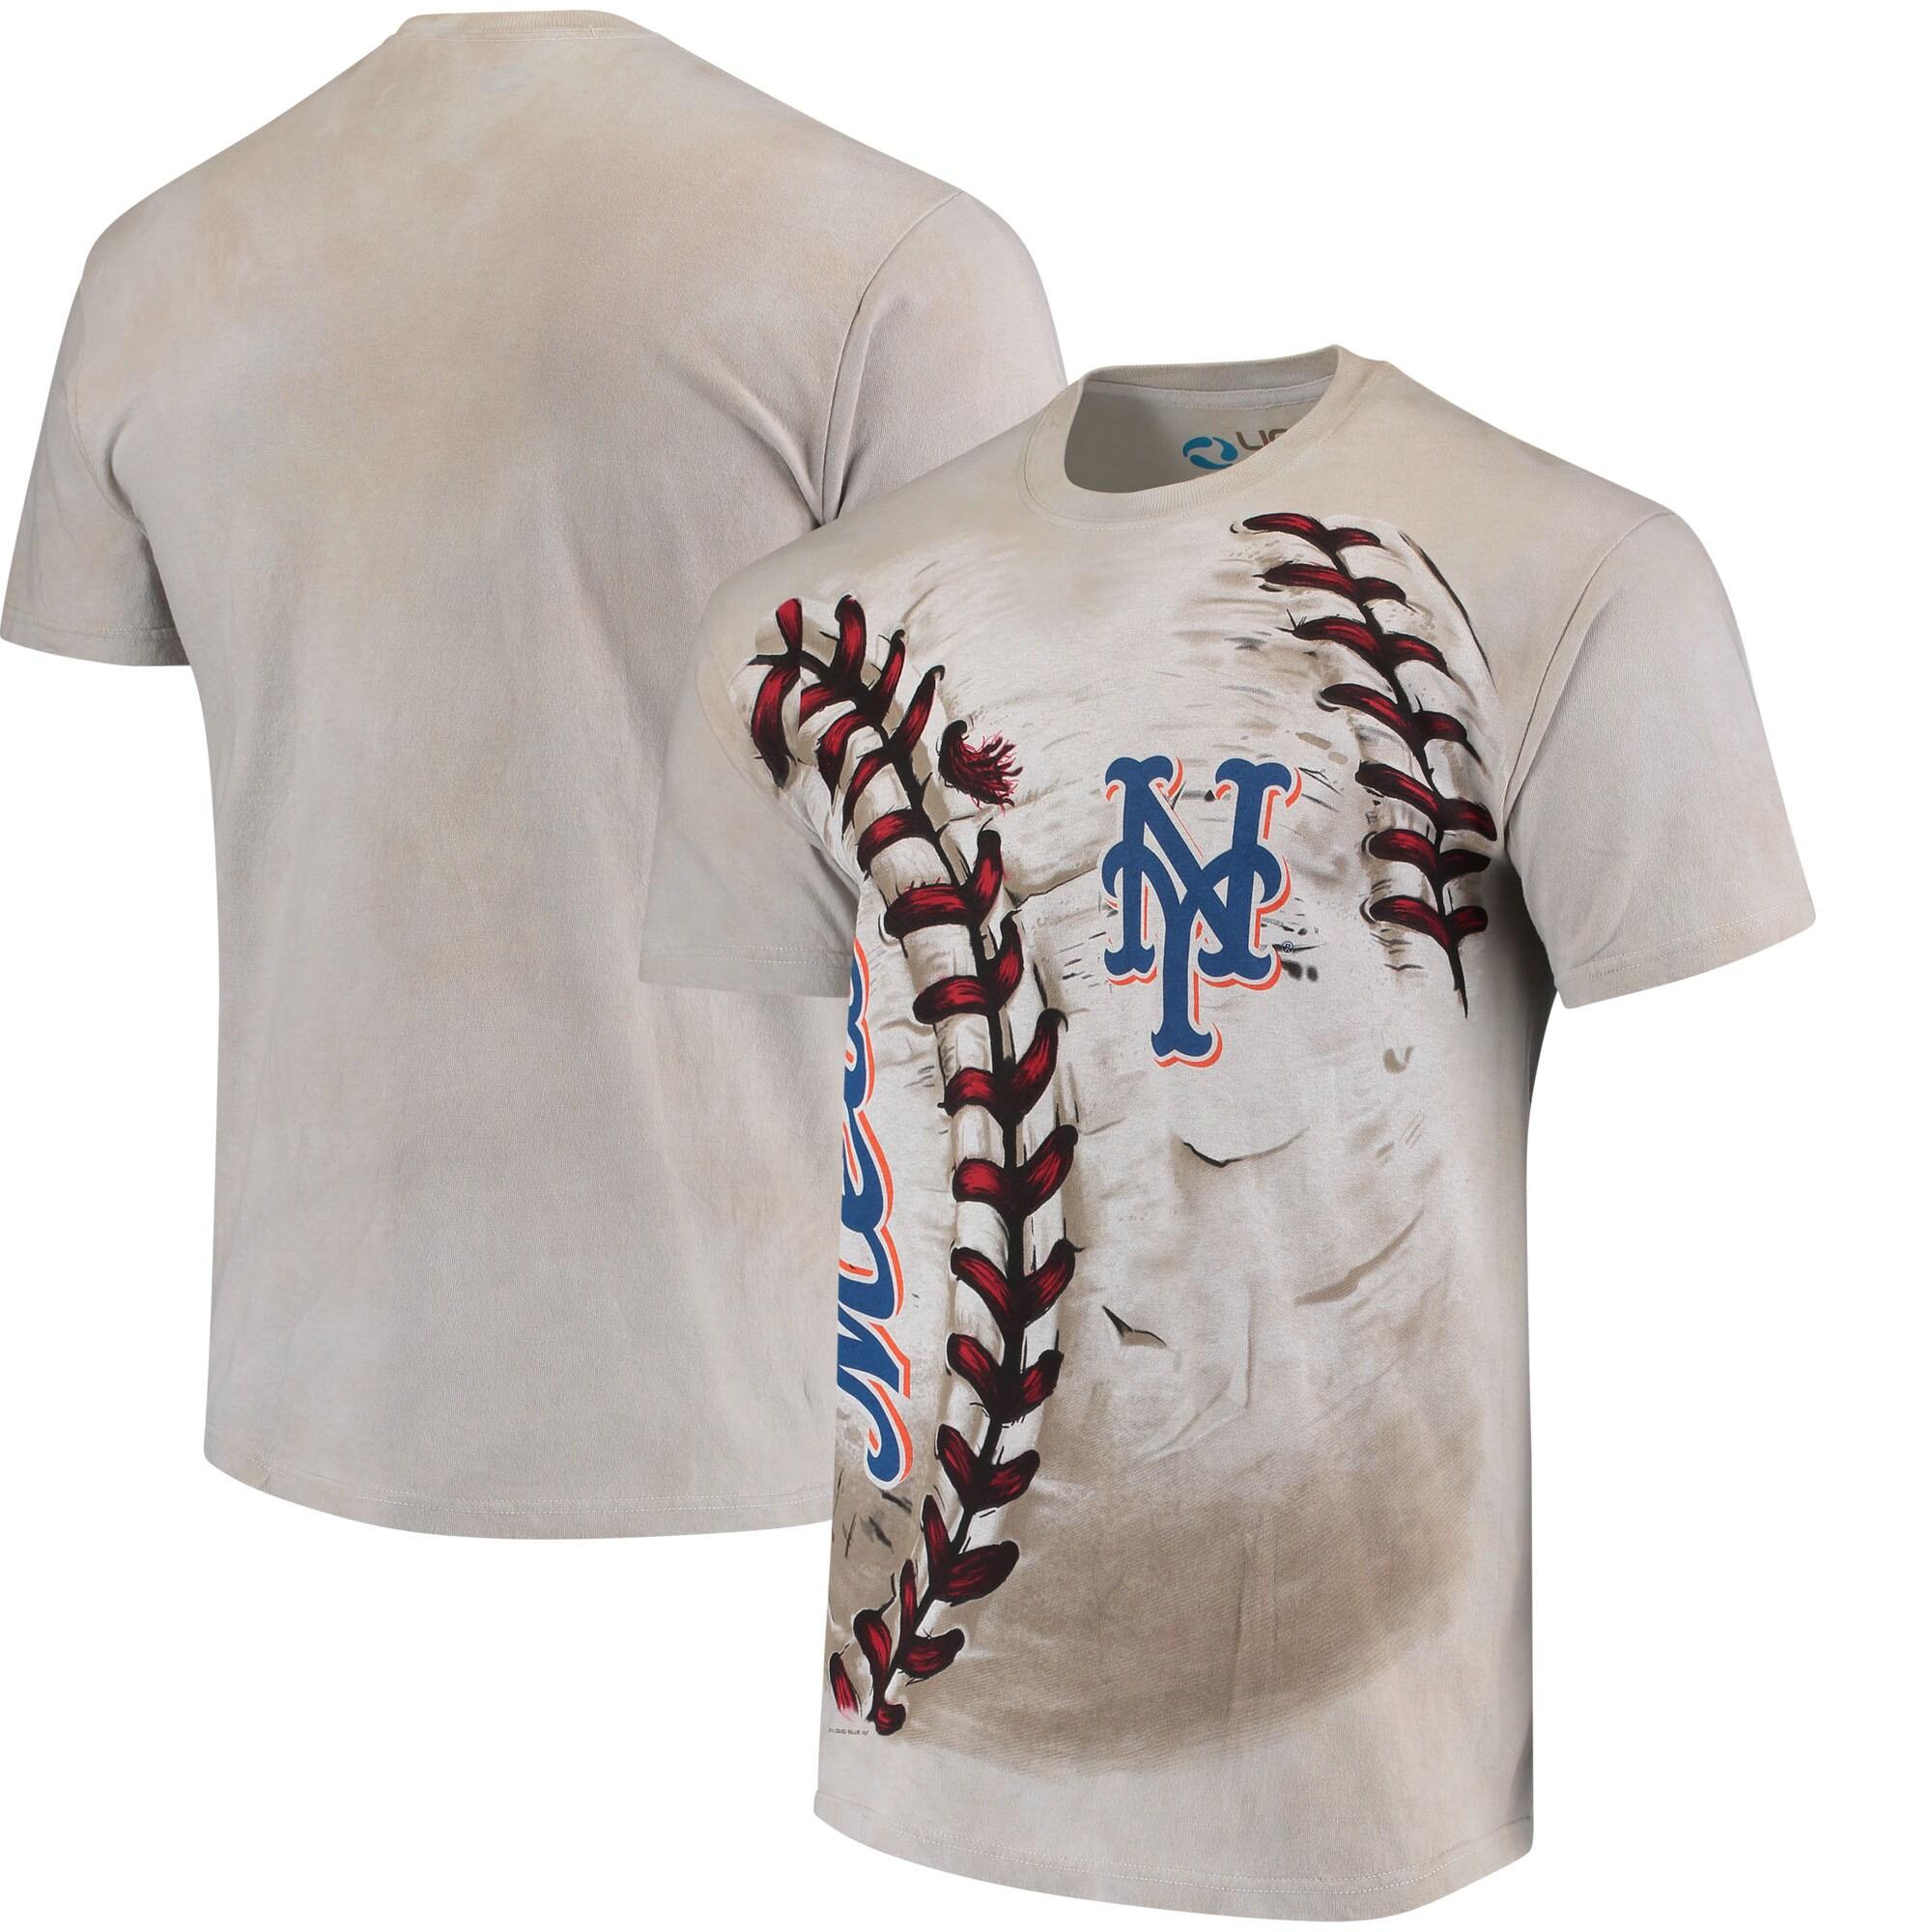 New York Mets Hardball Tie-Dye T-Shirt - Cream